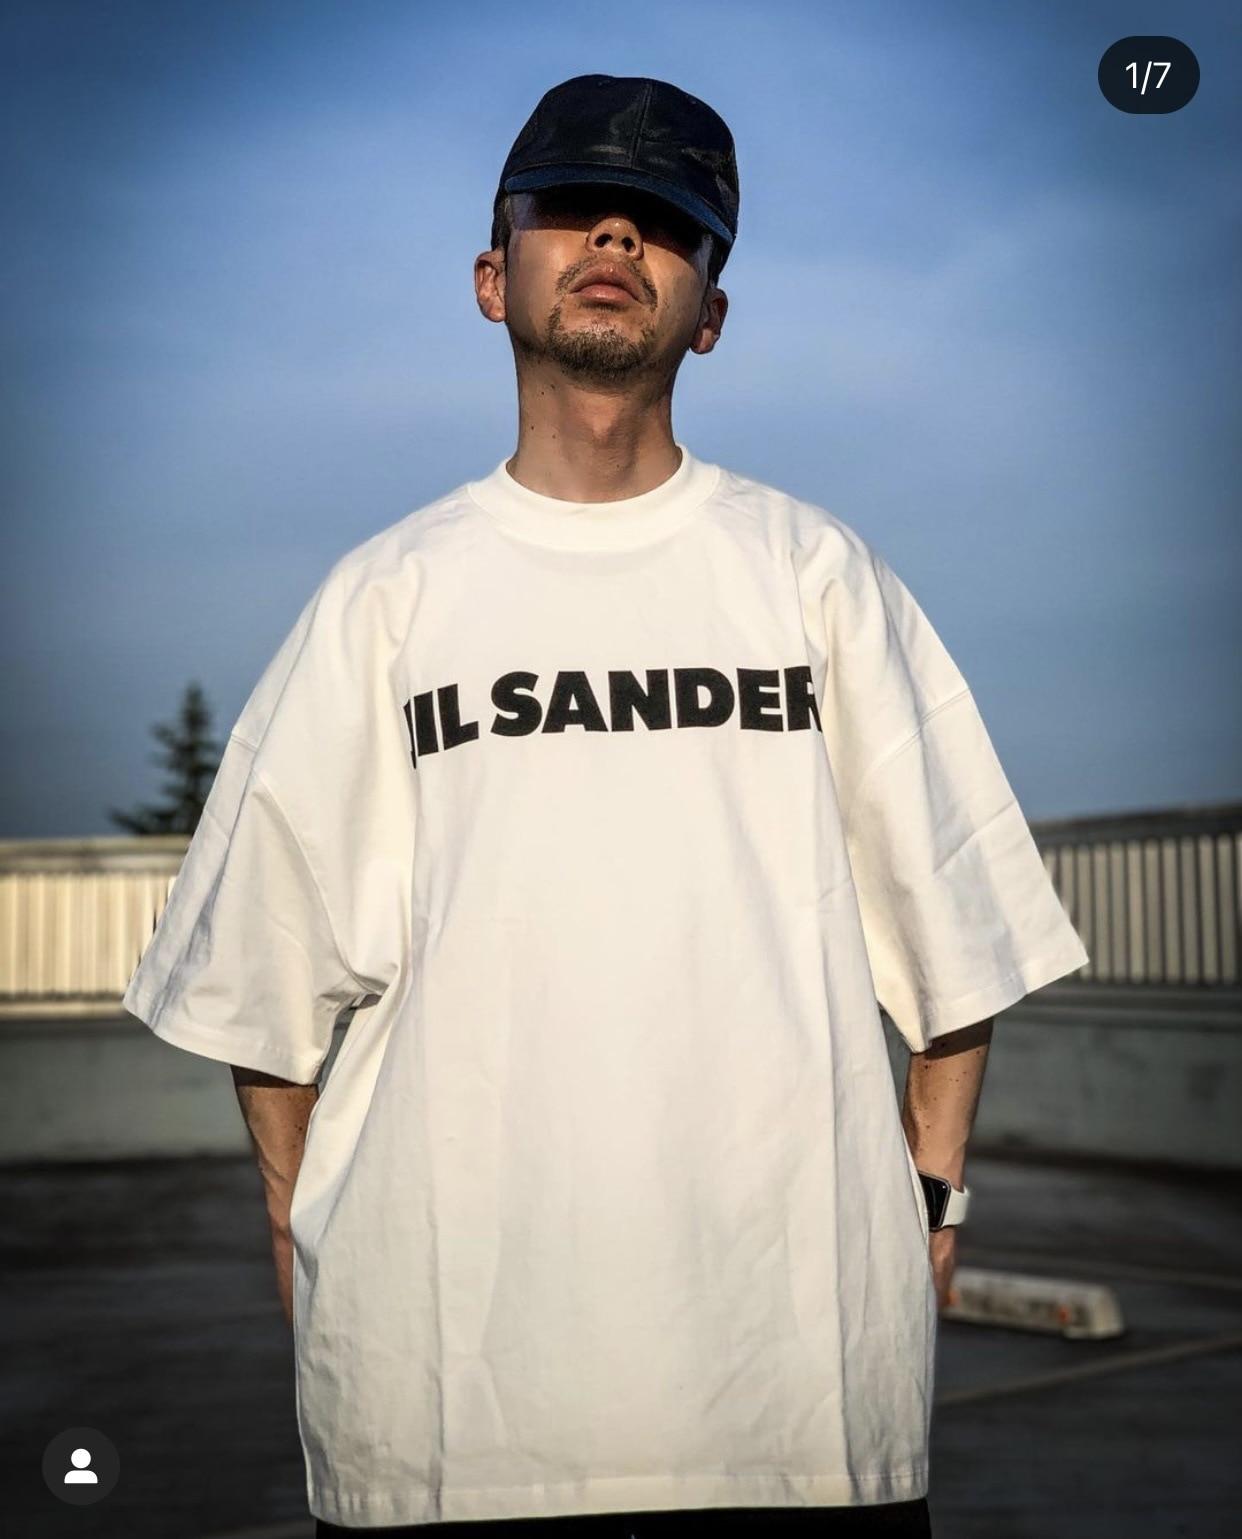 Футболка Jil в минималистическом стиле мужская, Свободный Топ с принтом надписи «шлиф», уличная одежда в стиле хип-хоп, 1:1